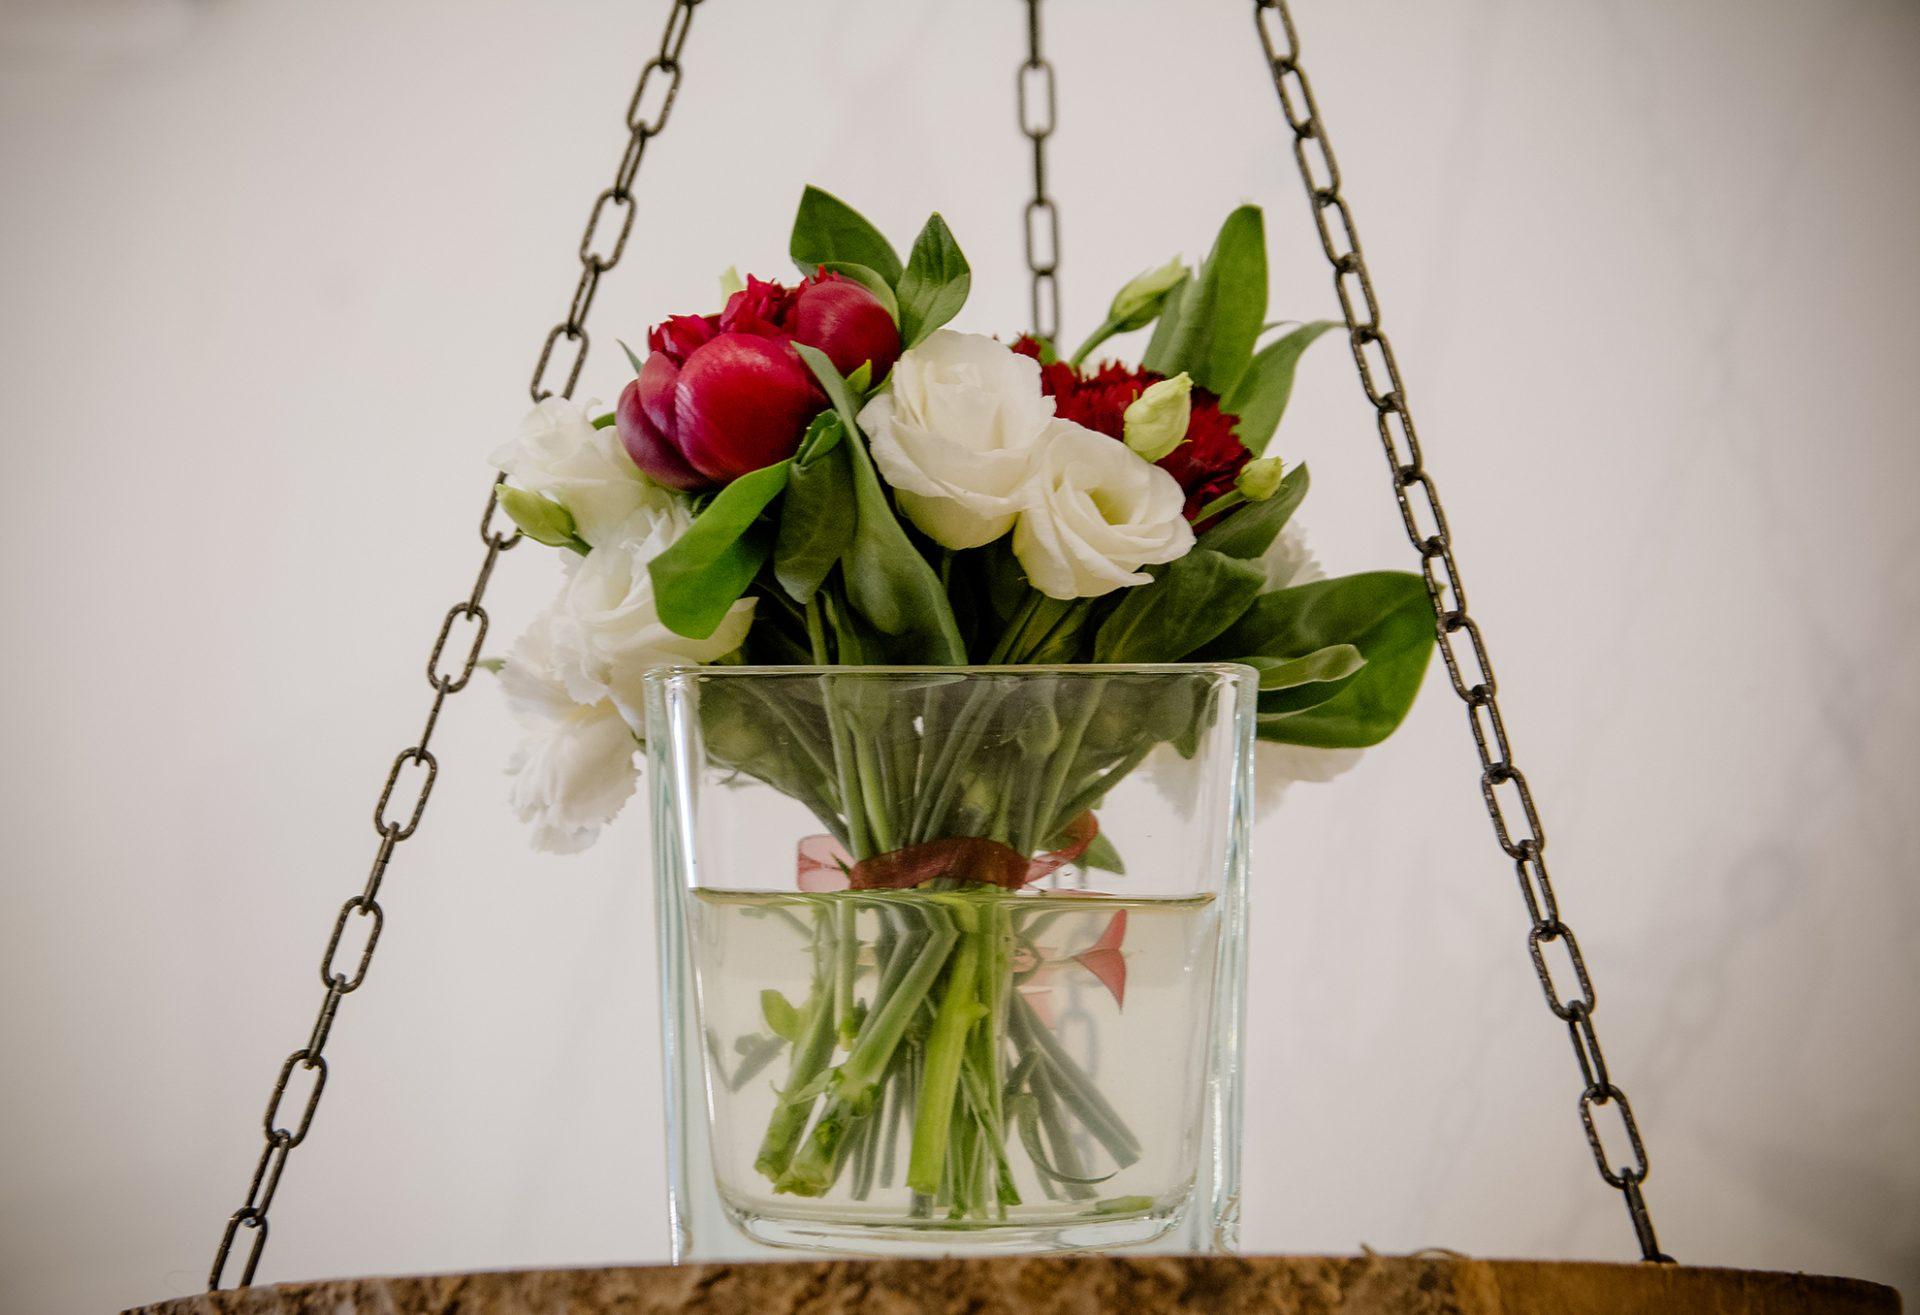 composizione vaso in vetro